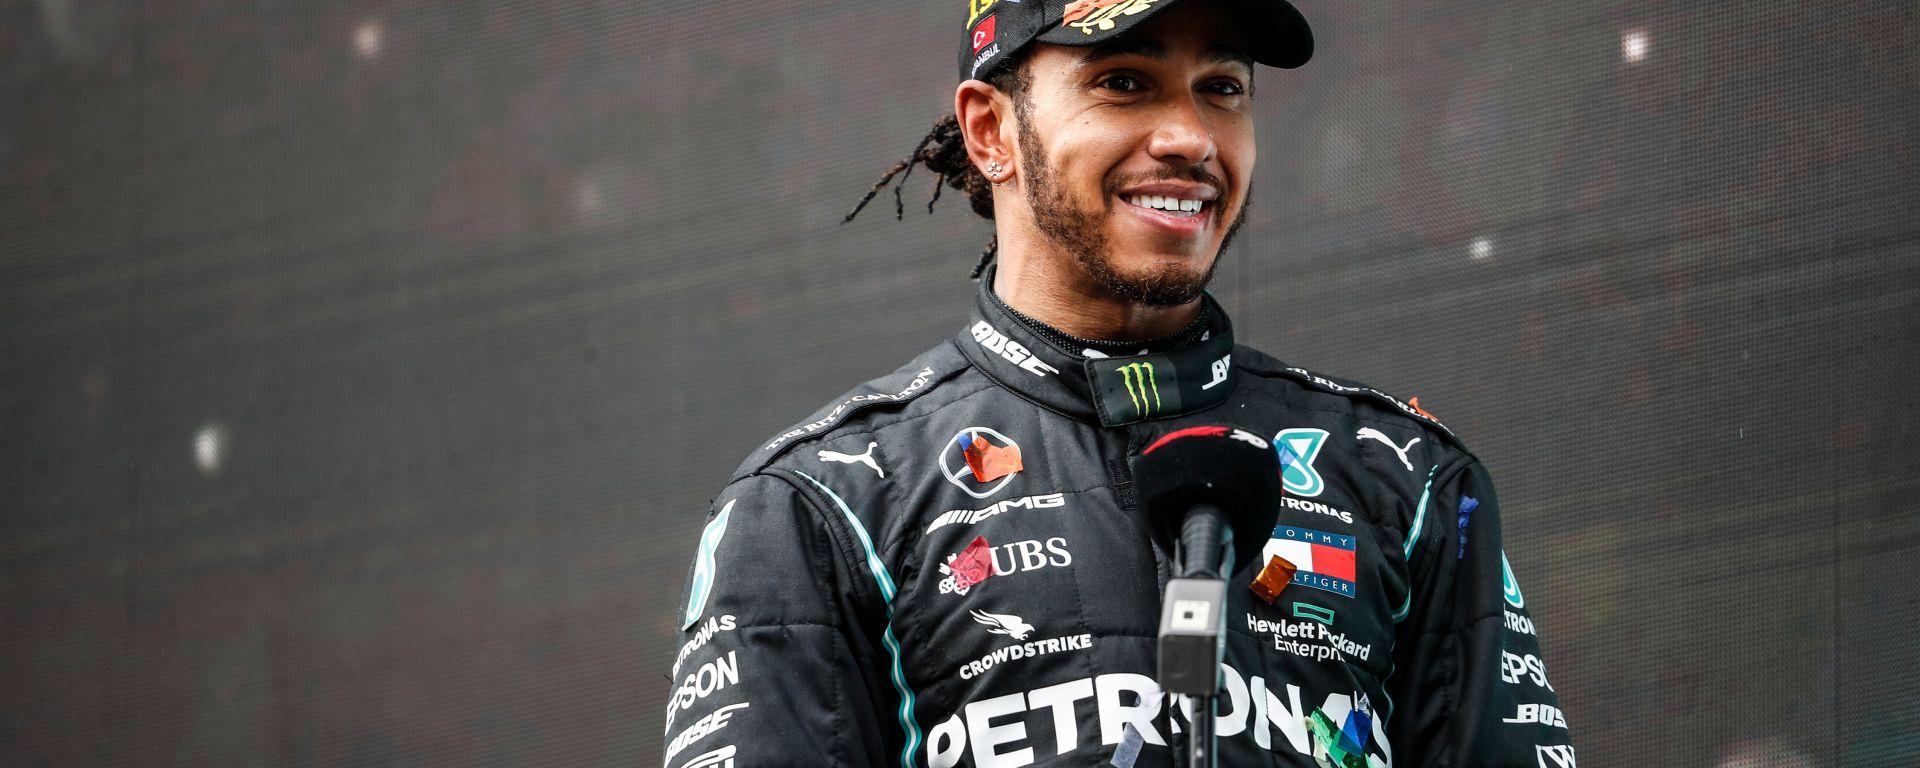 F1 GP Turchia 2020, Istanbul: Lewis Hamilton (Mercedes) intervistato dopo la vittoria del titolo